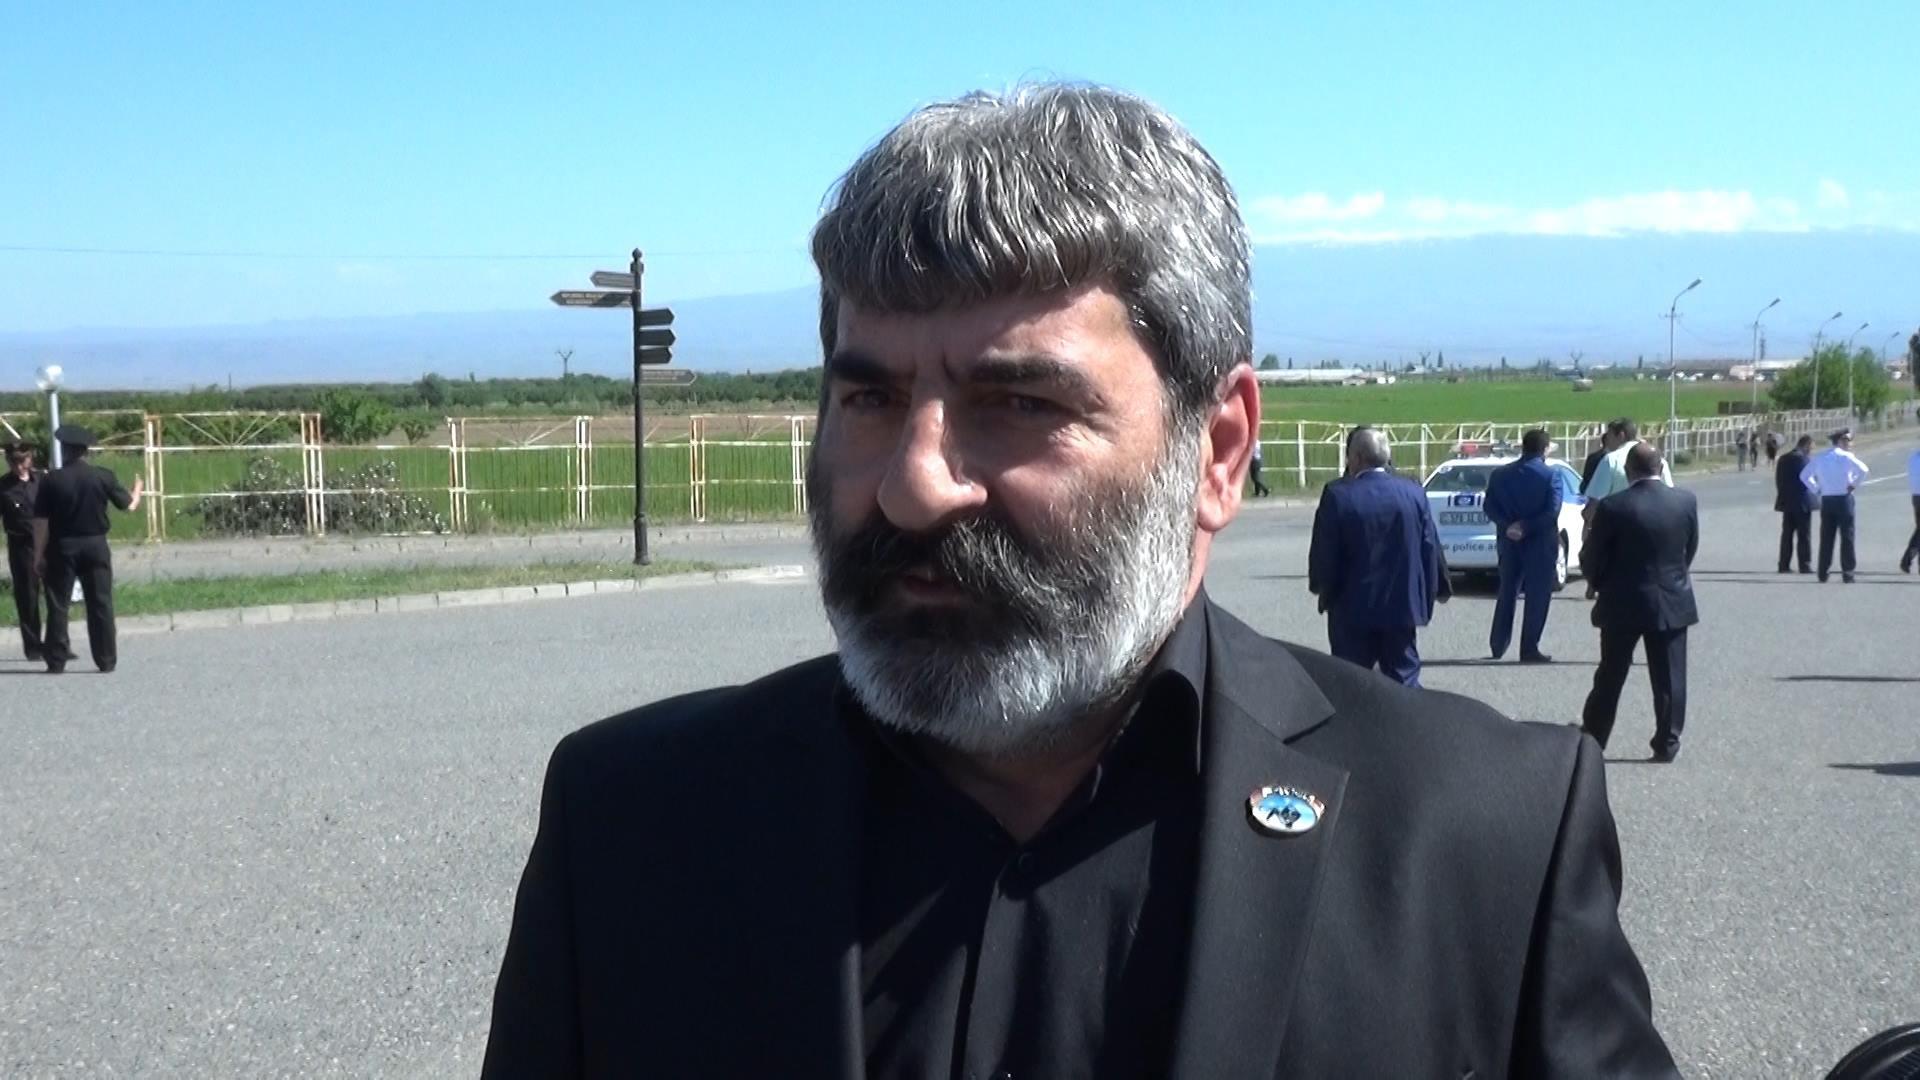 «ՀՀԿ-ի զալոժնիկը». Ռուստամ Գասպարյանը պնդում է, թե իրեն ստիպել են դուրս գալ ԲՀԿ-ից. «Ժամանակ»